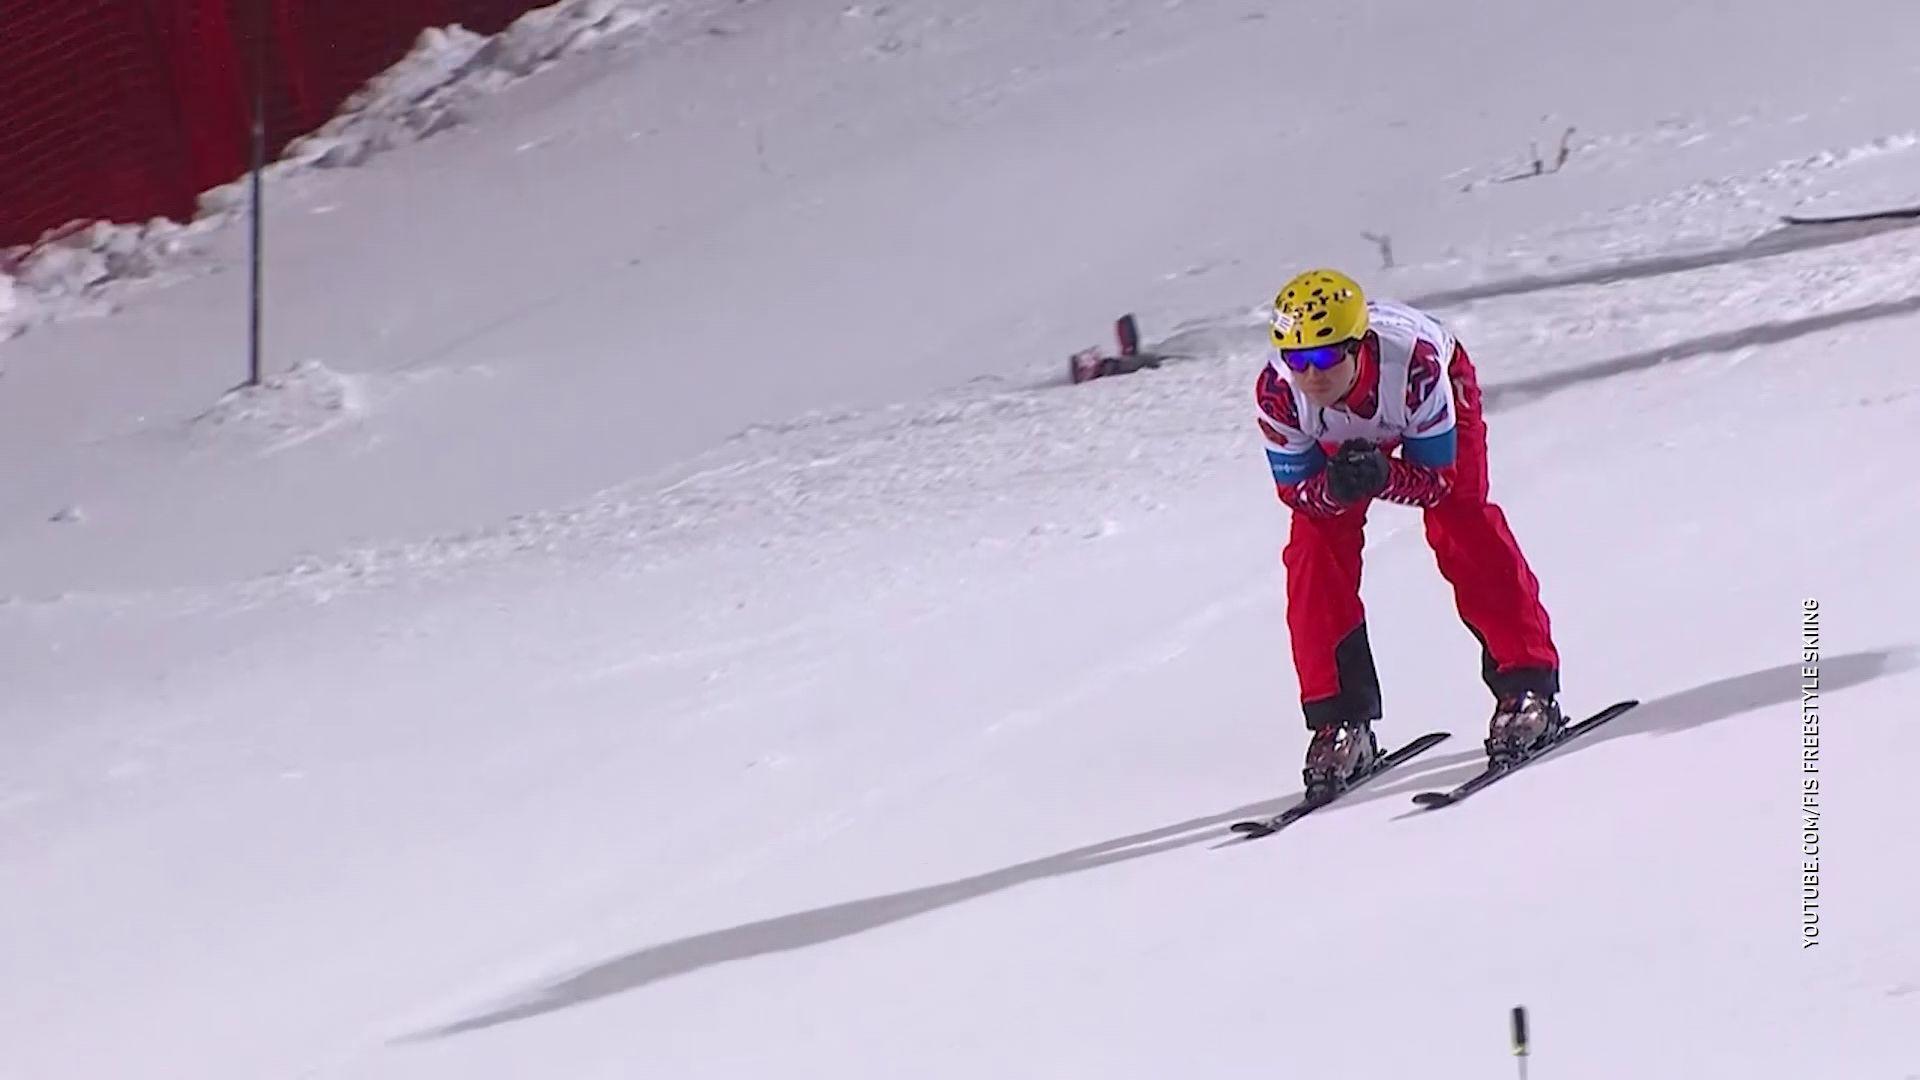 Ярославец стал вторым на этапе Кубка мира по фристайлу